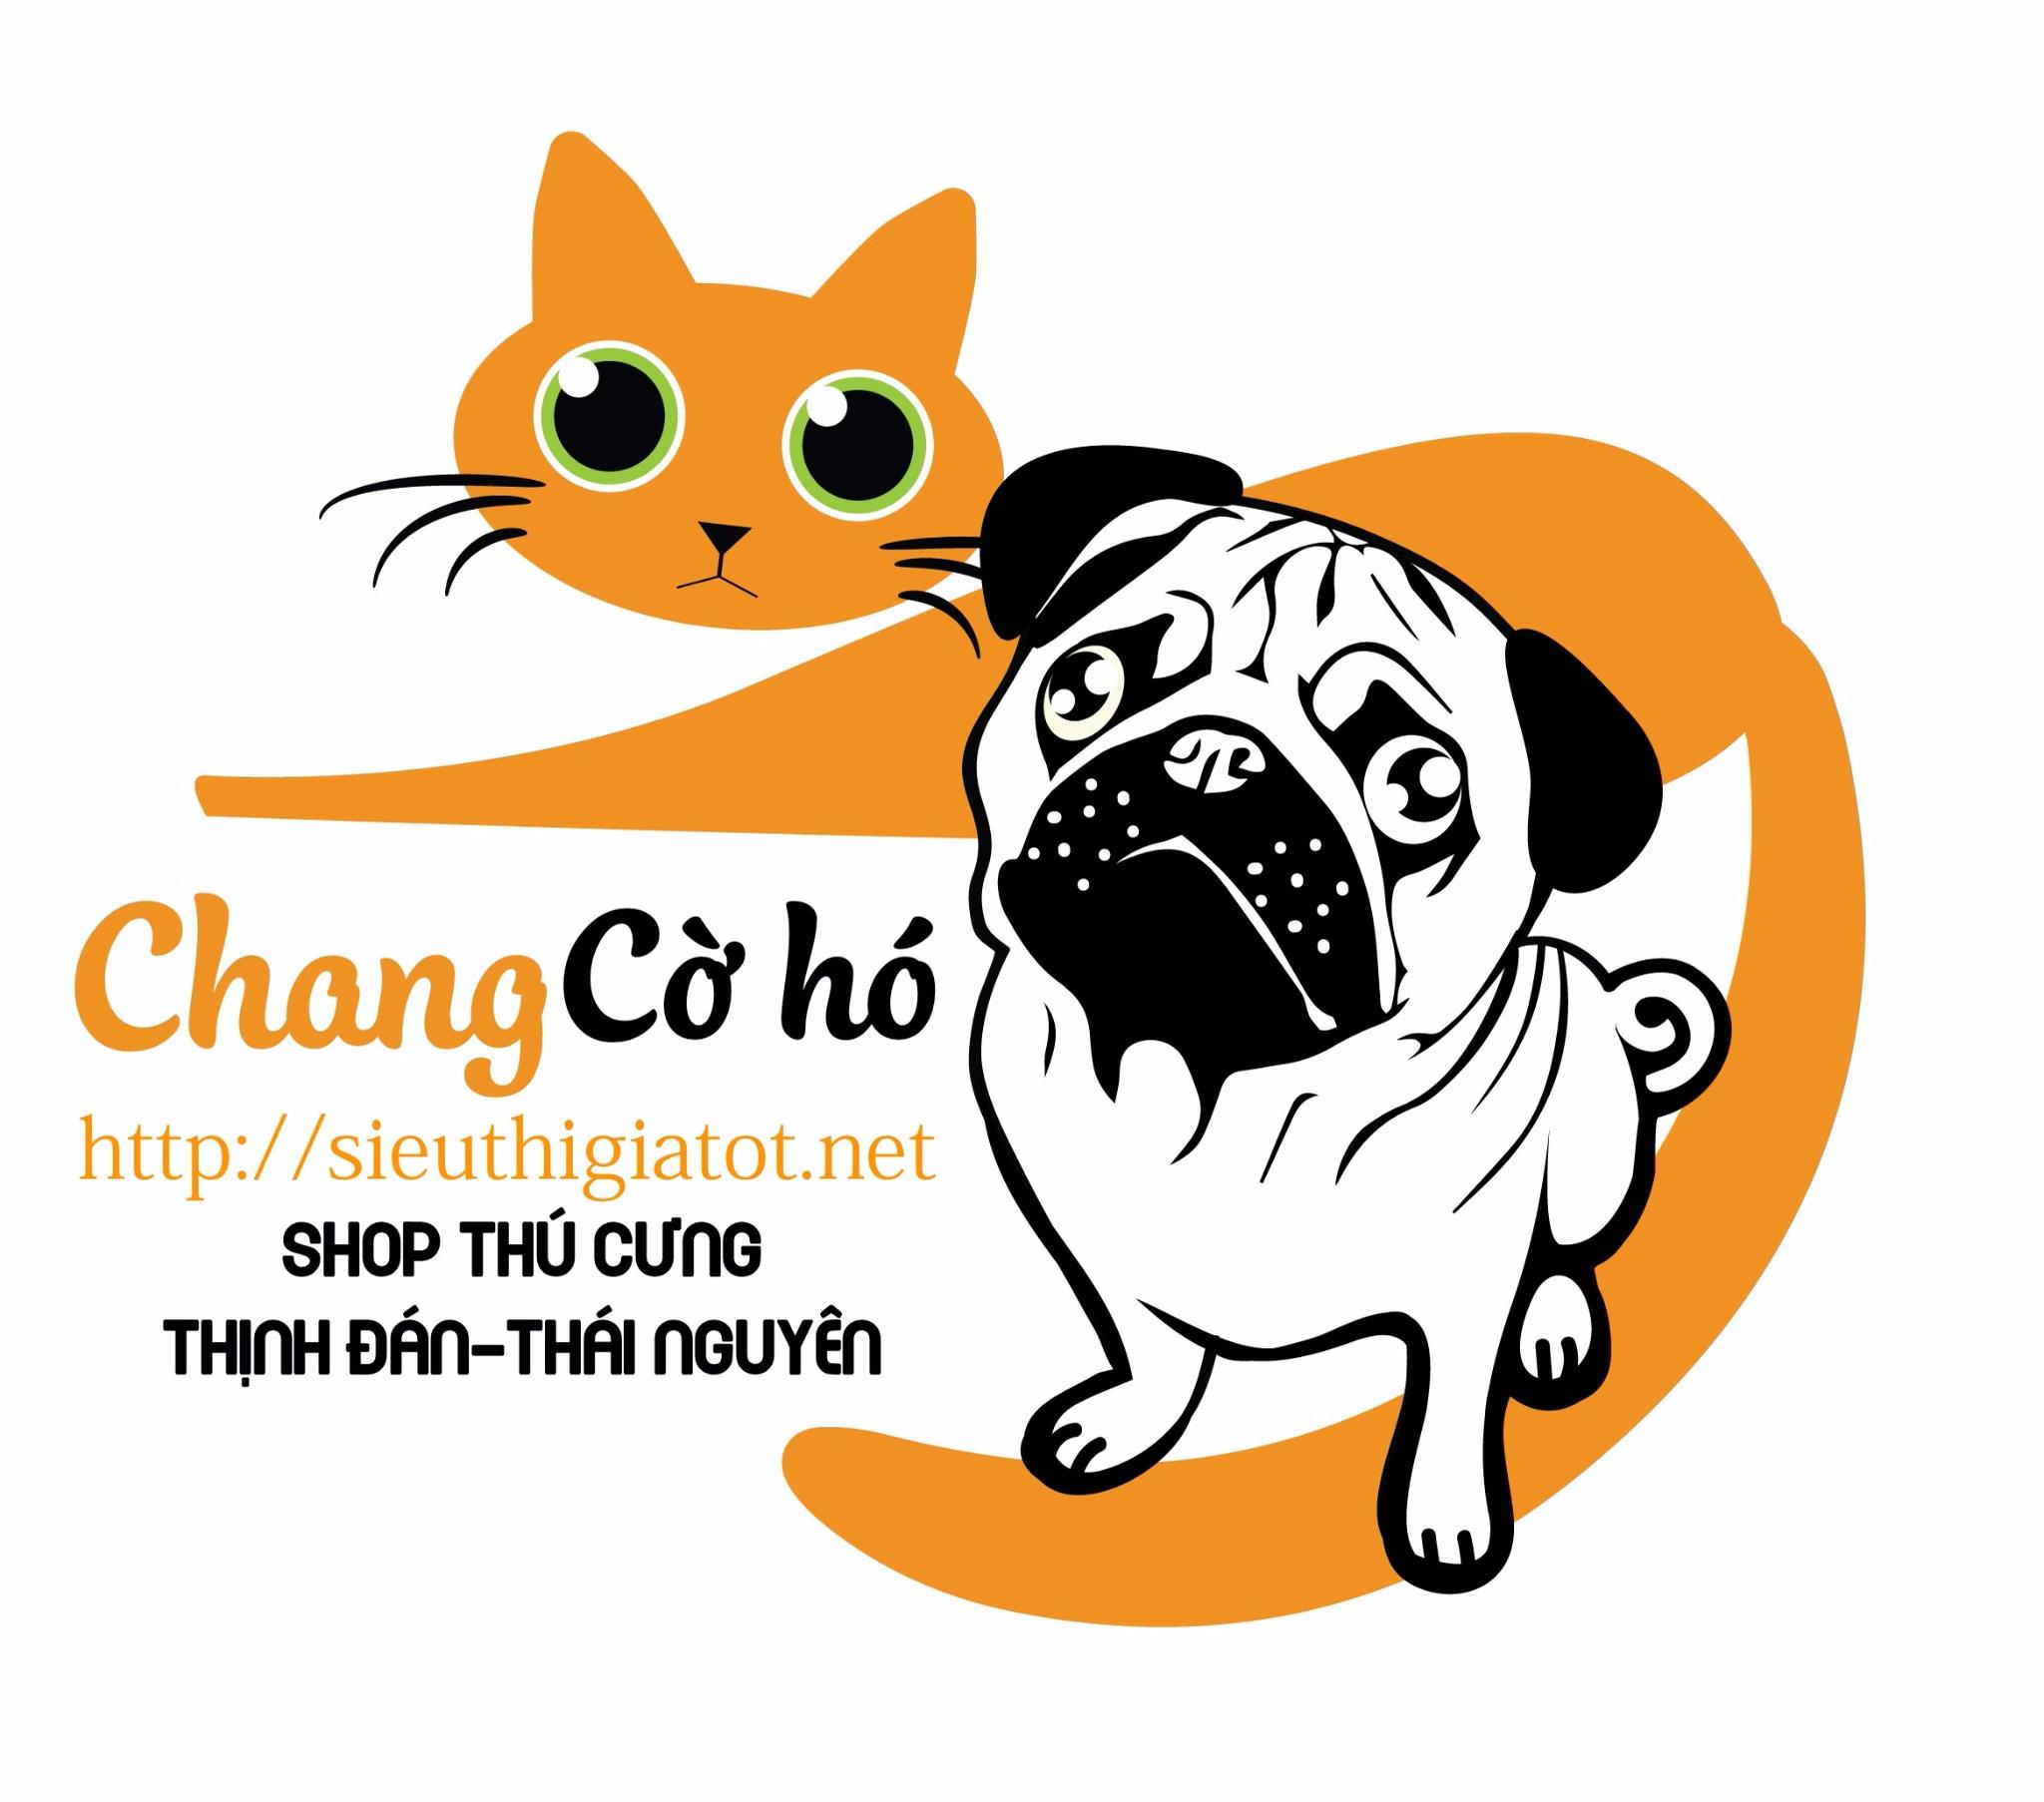 ChangCờHó - Shop Thú Cưng - Thái Nguyên